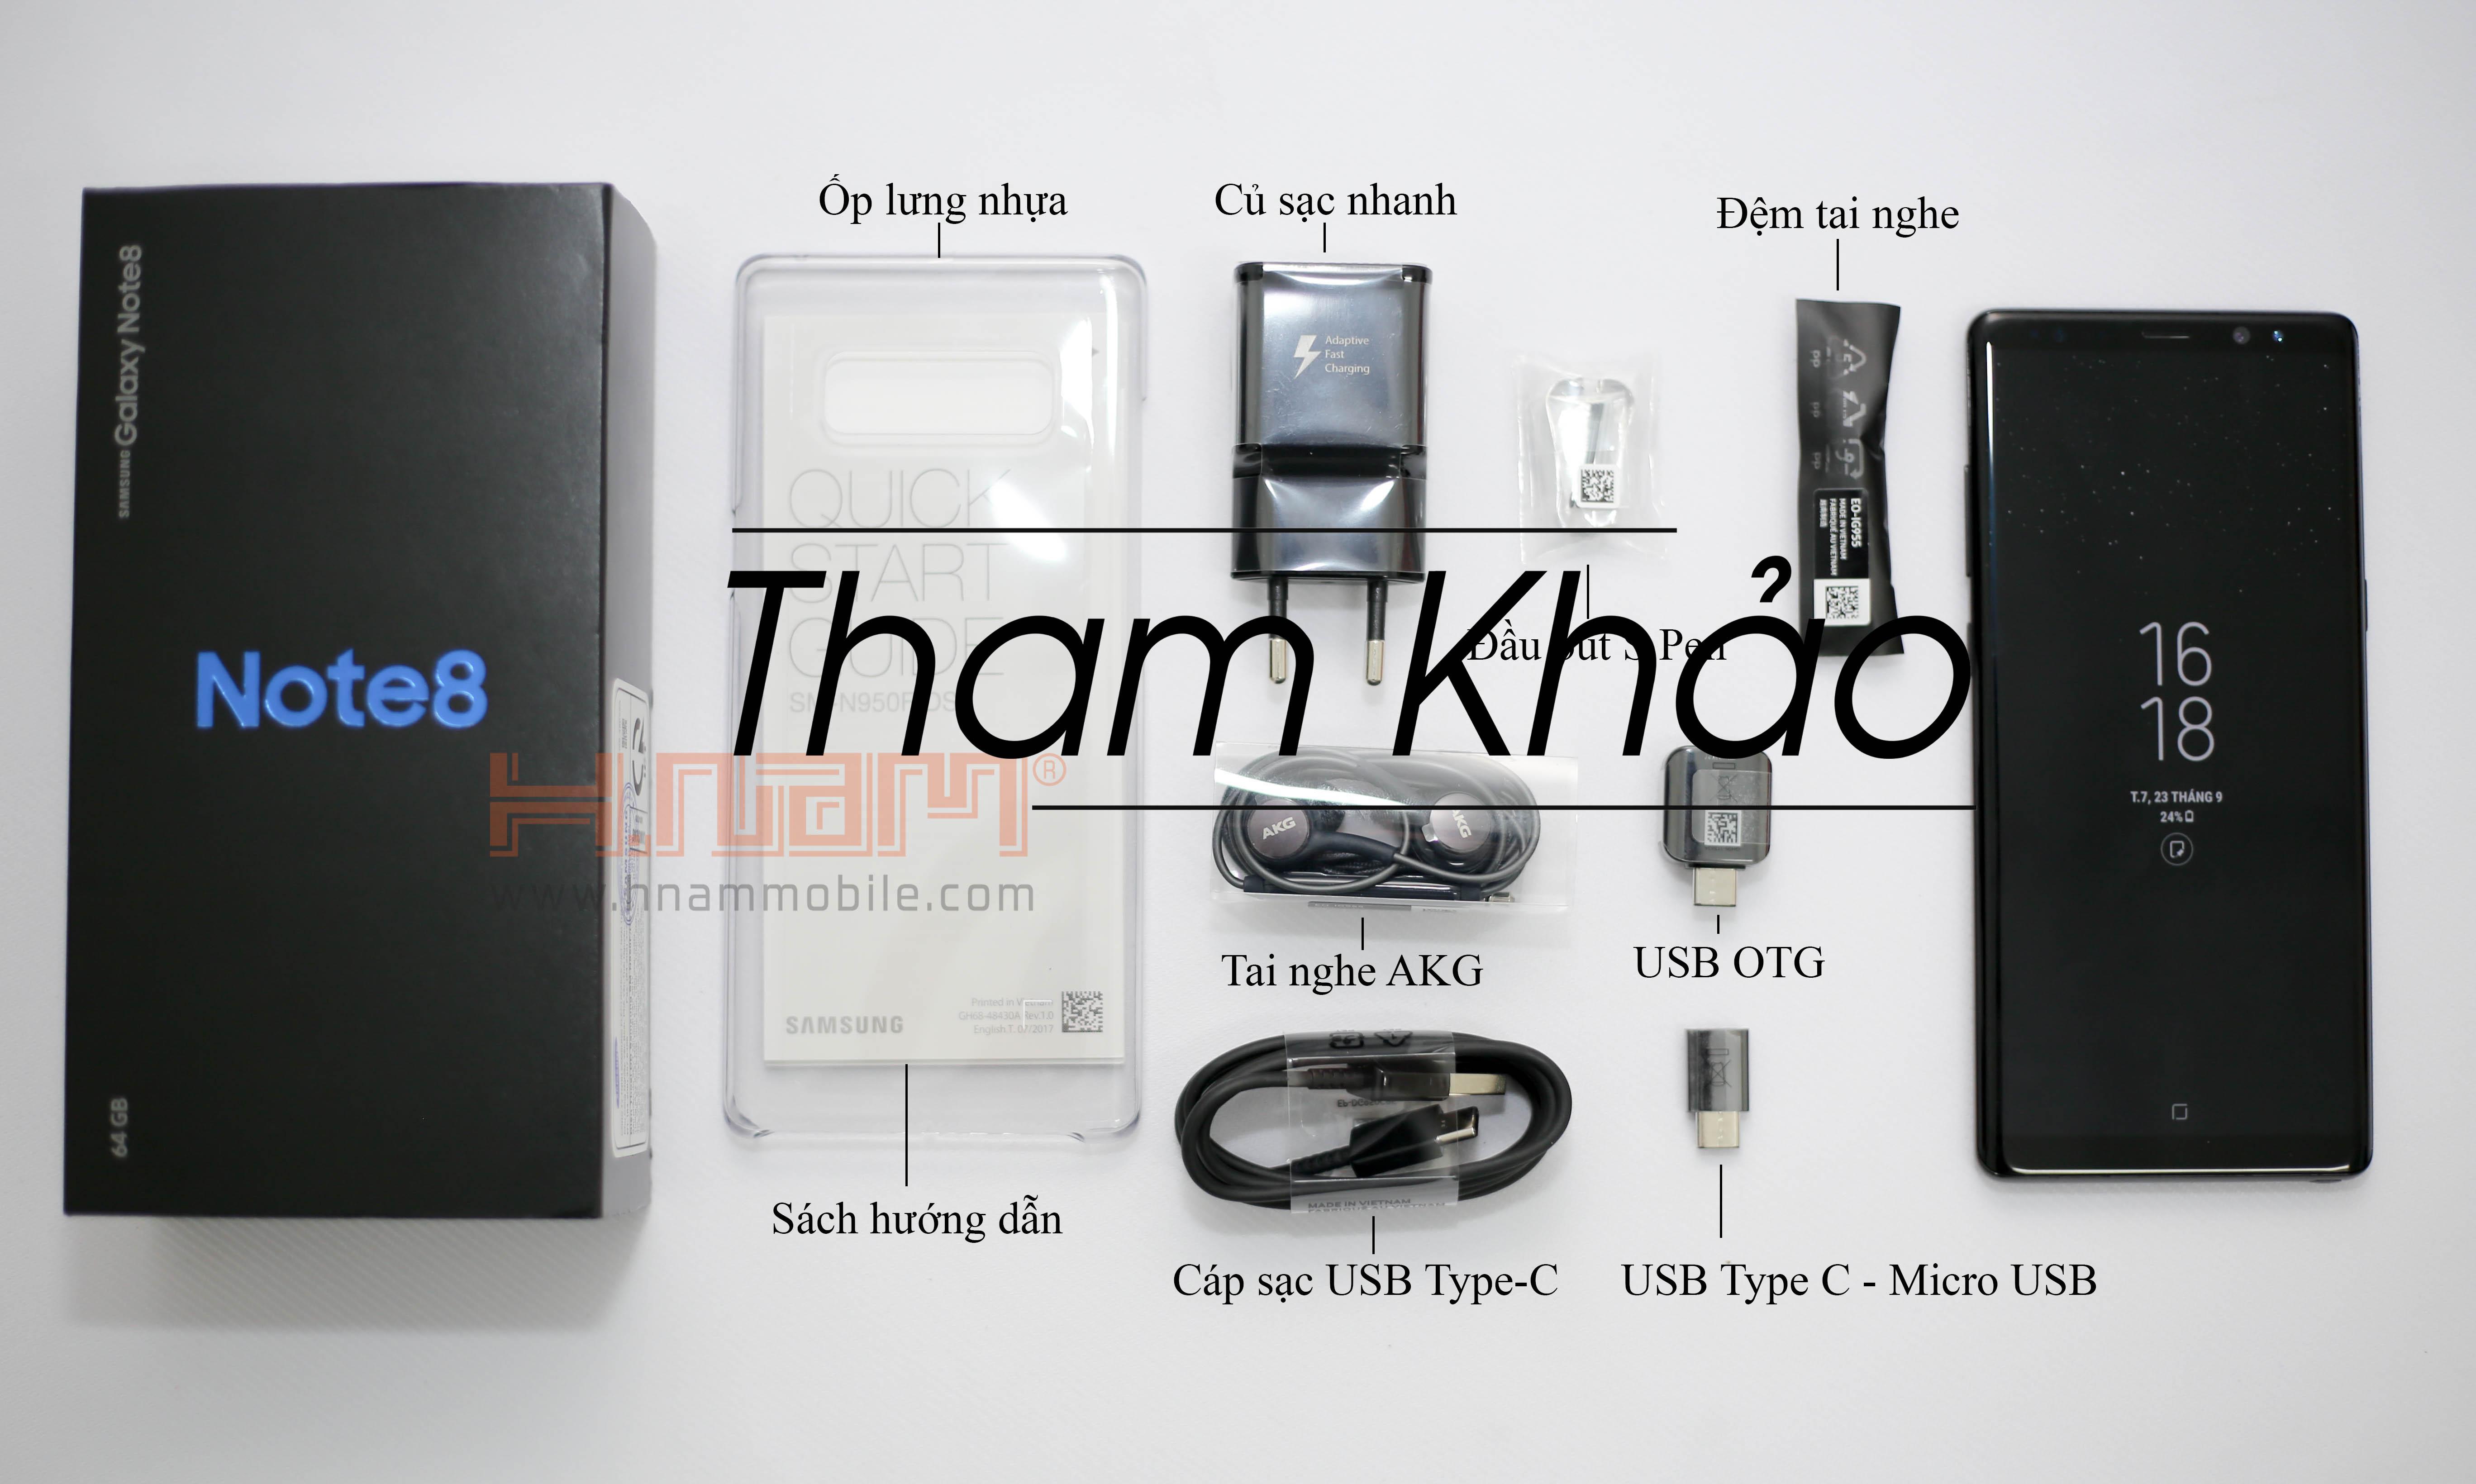 Samsung Galaxy Note 8 64Gb N950 Mỹ New 100% hình sản phẩm 0